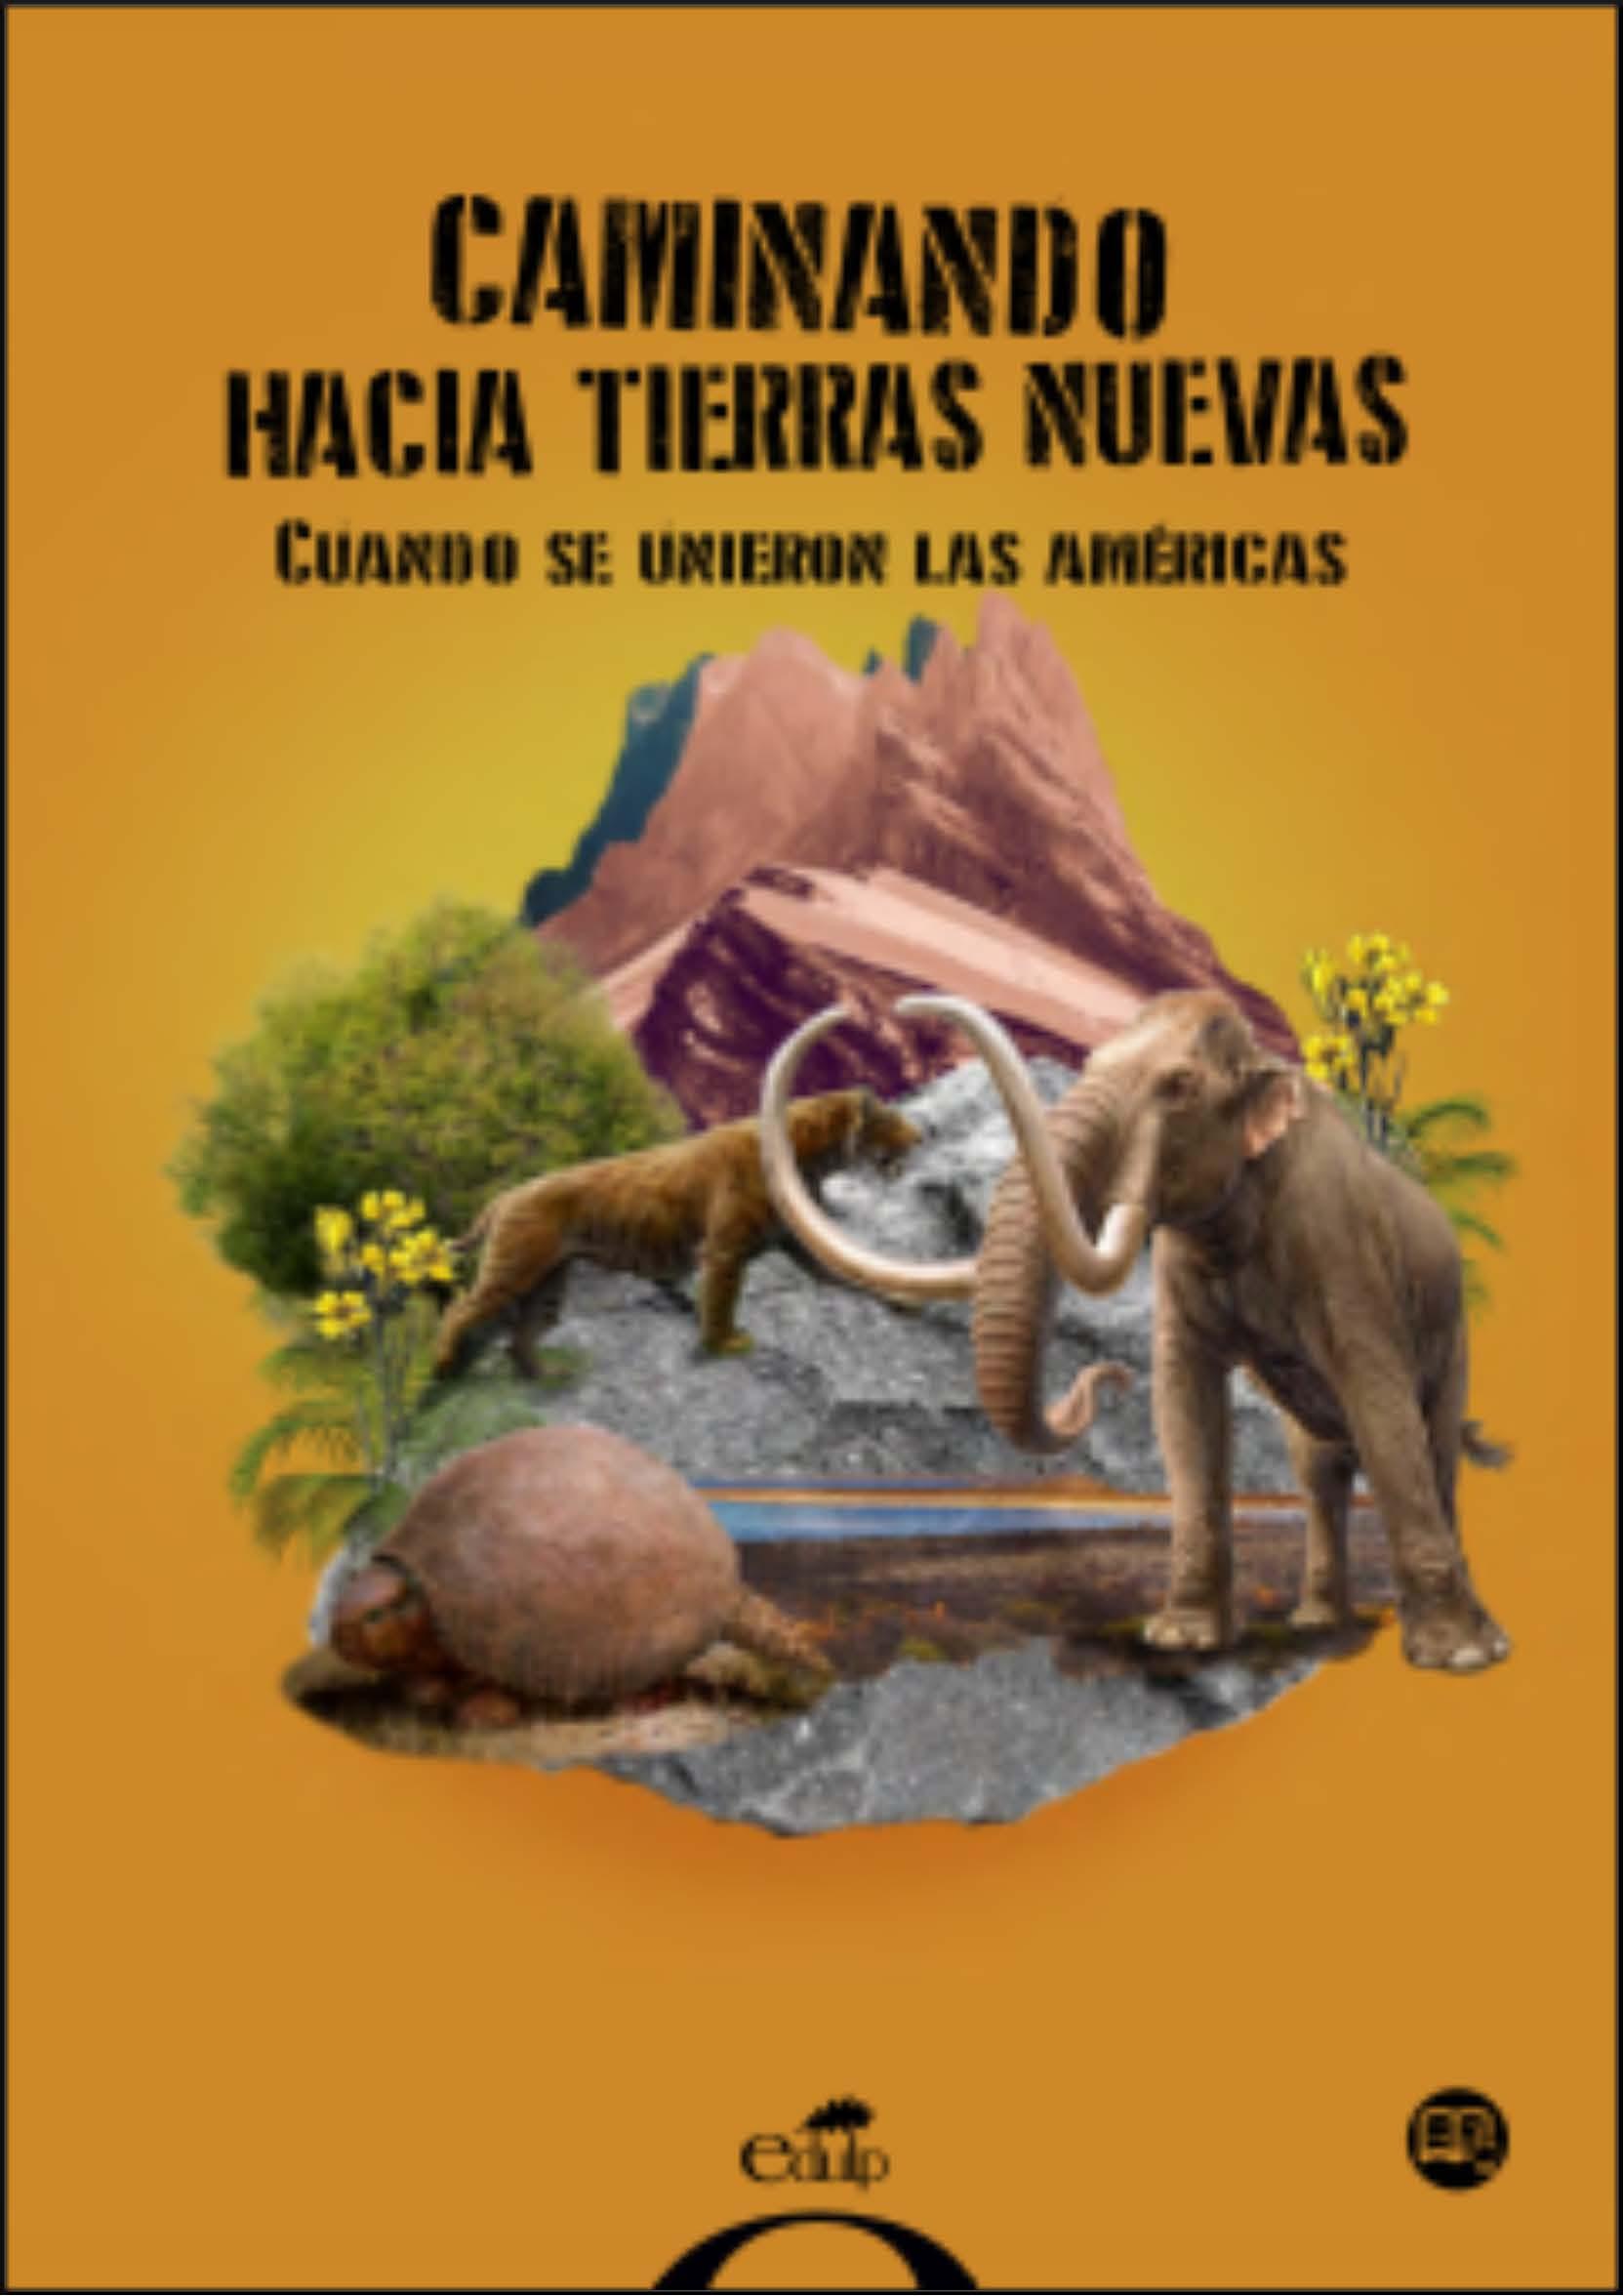 Resultado de imagen para GOULD, María Mercedes / HINCAPIÉ, Luisa. Caminando hacia tierras nuevas: Cuando se unieron las Américas,